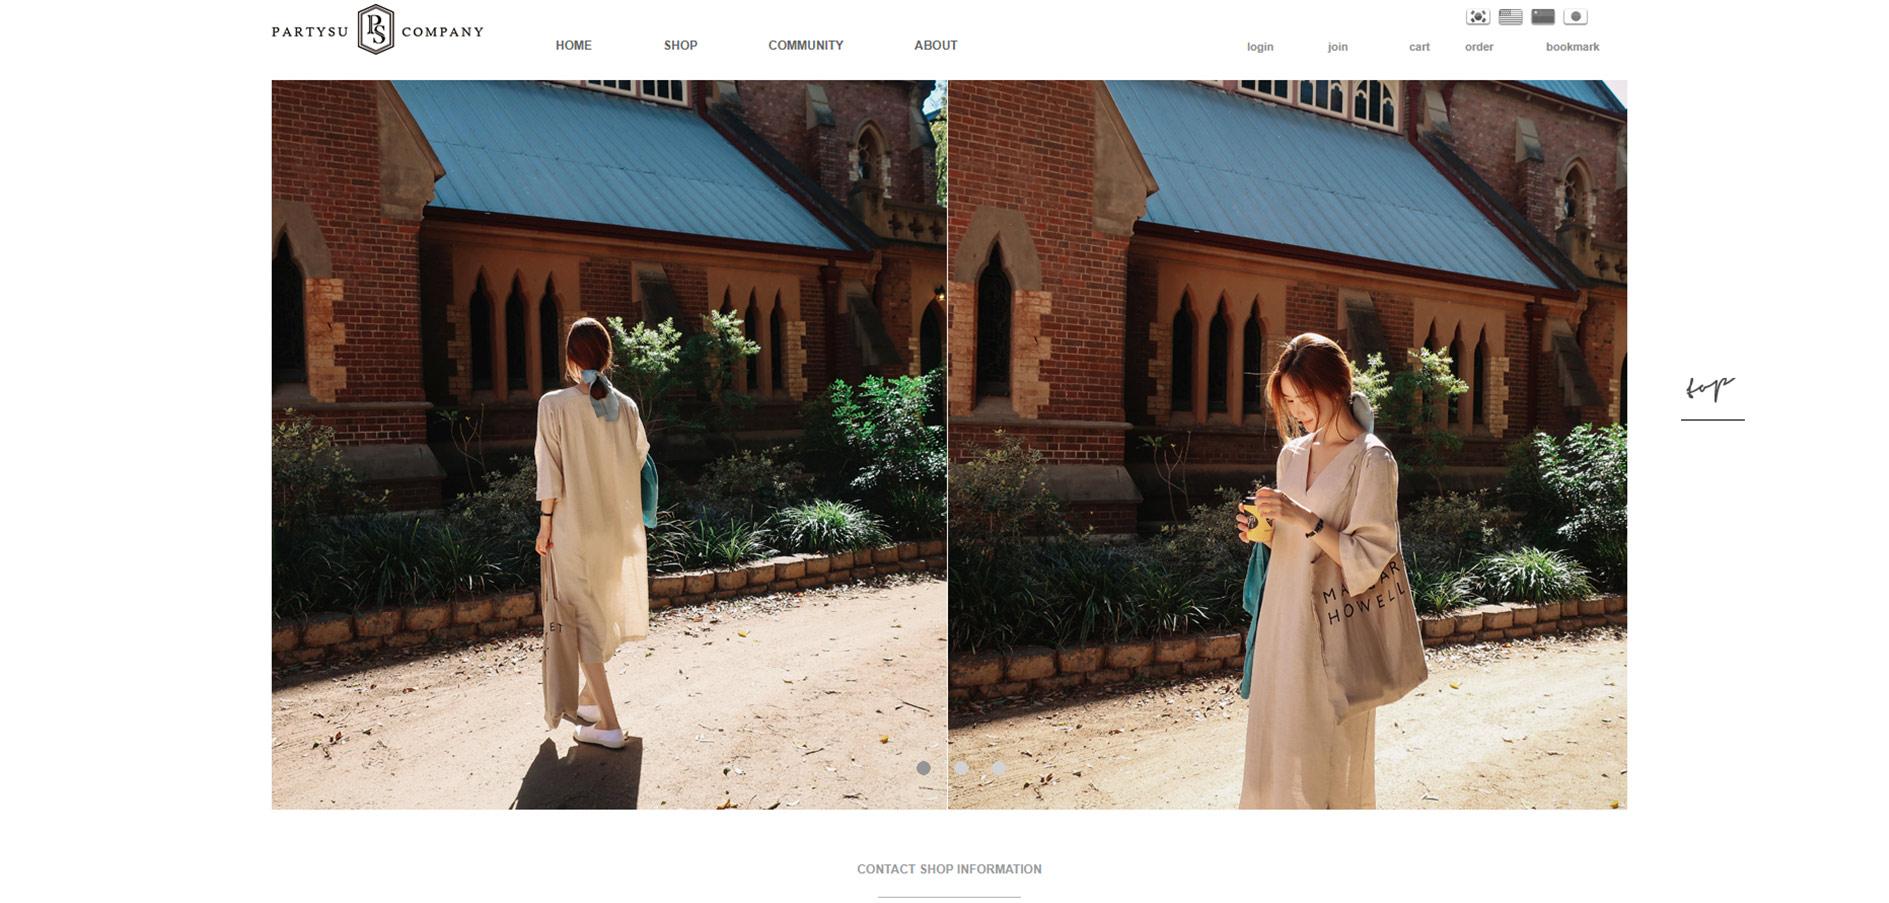 30代におすすめな韓国ファッション通販サイトのPARTYSU(パーティス)